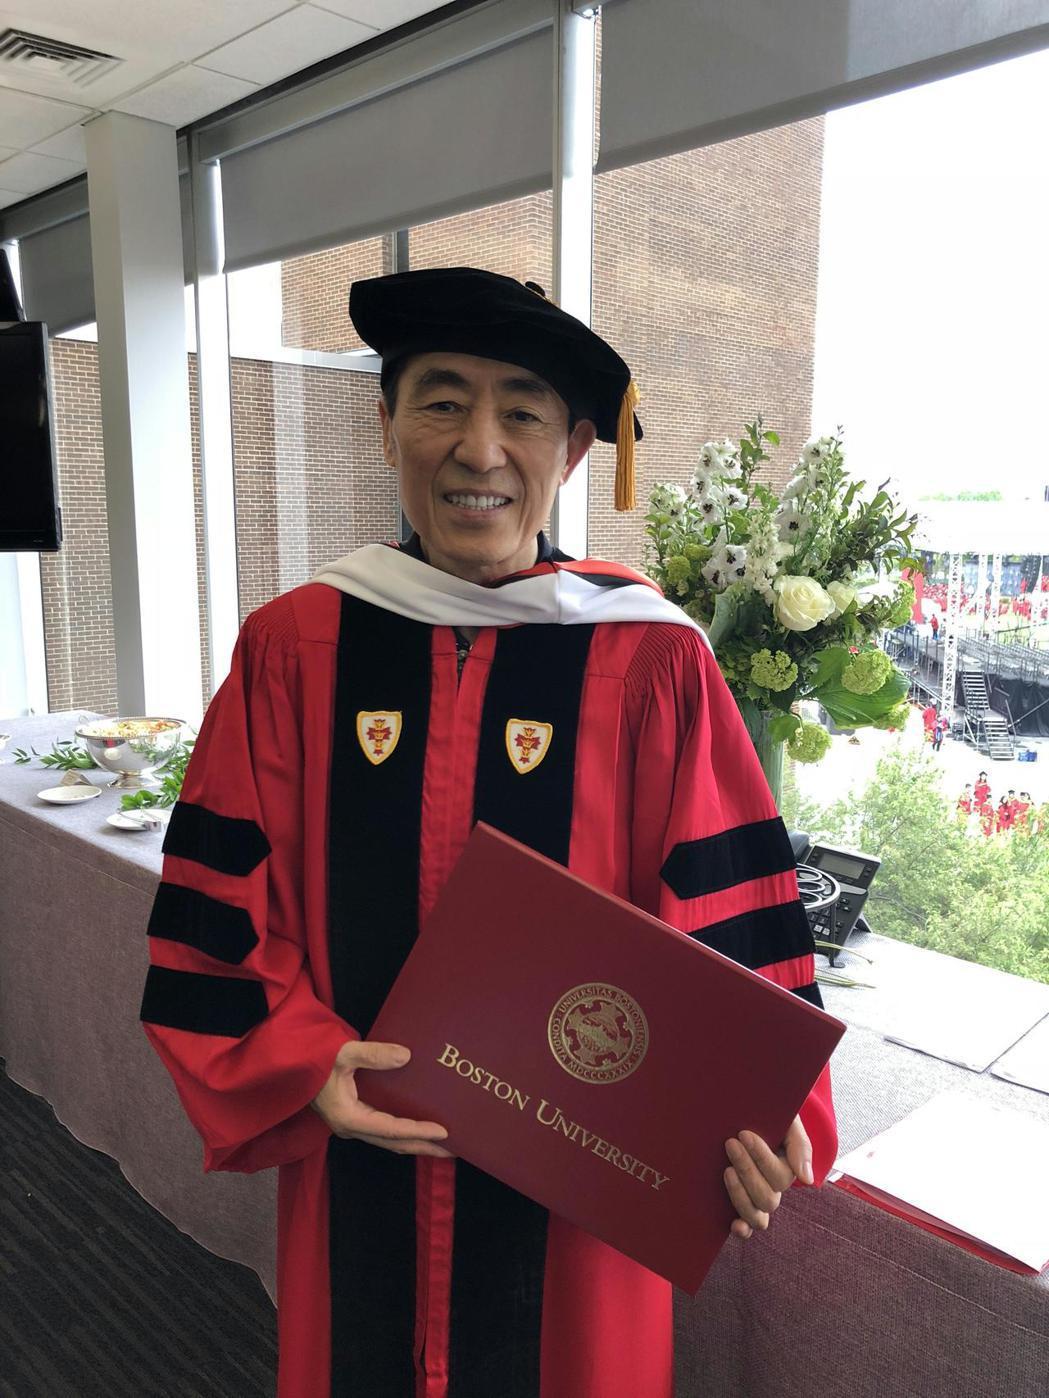 美國波士頓大學授予張藝謀榮譽博士學位。 圖/新華社